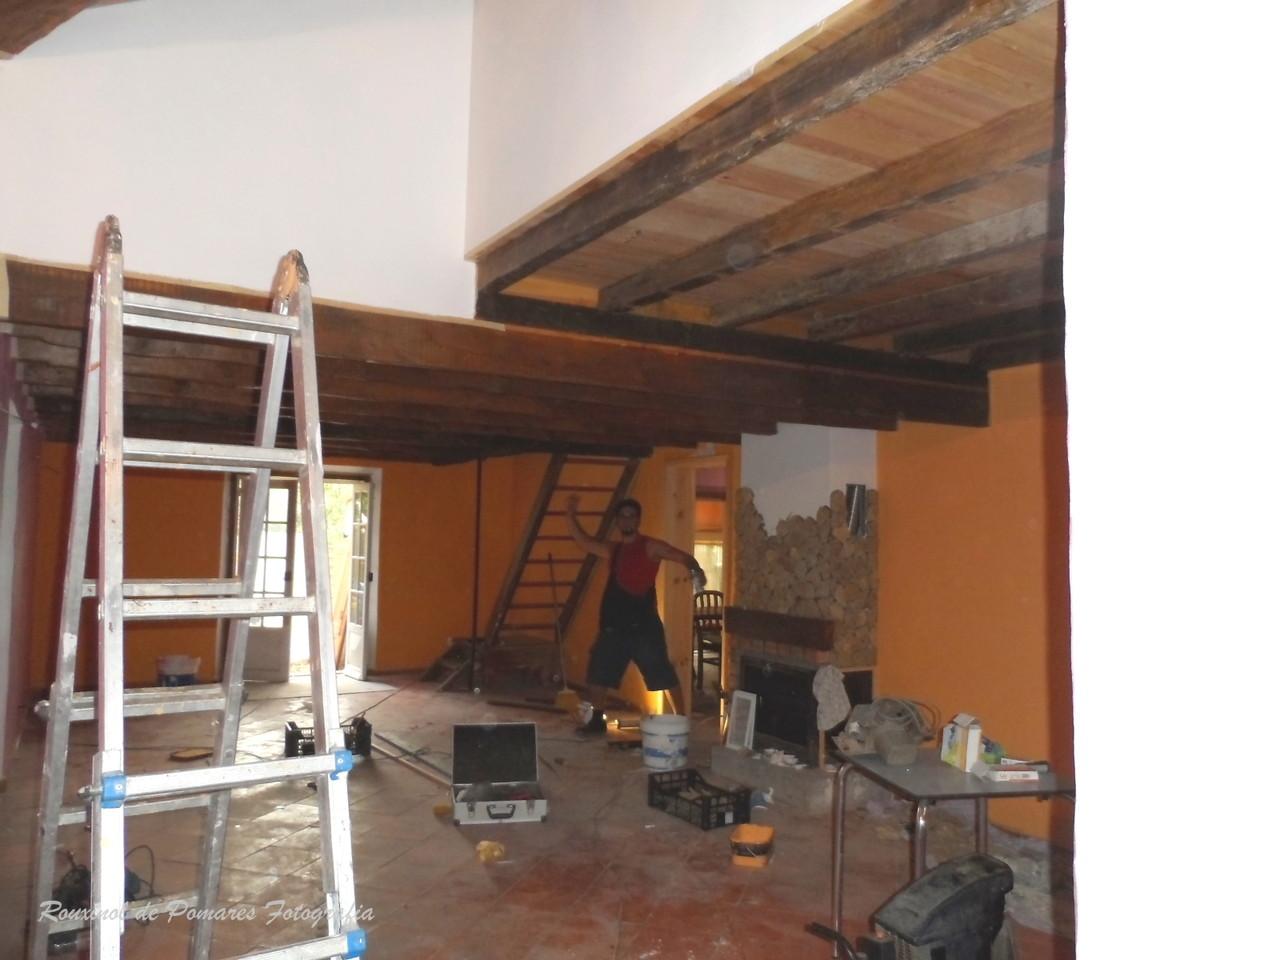 Novo espaço da Taverna dos Trovadores (2)